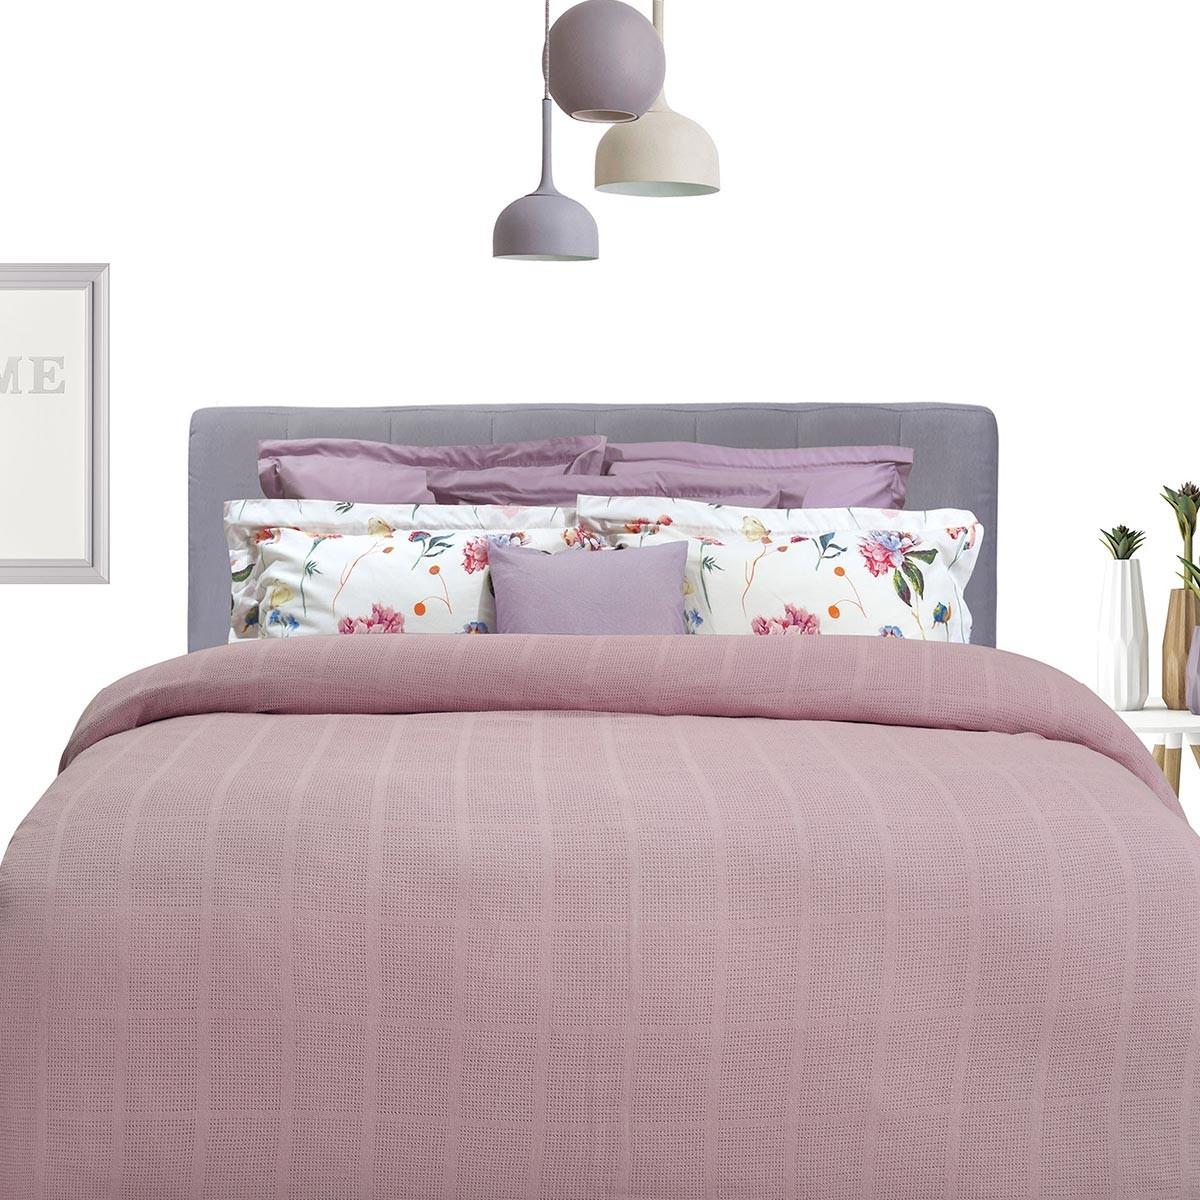 Κουβέρτα Πλεκτή Υπέρδιπλη Das Home Blanket Line 378